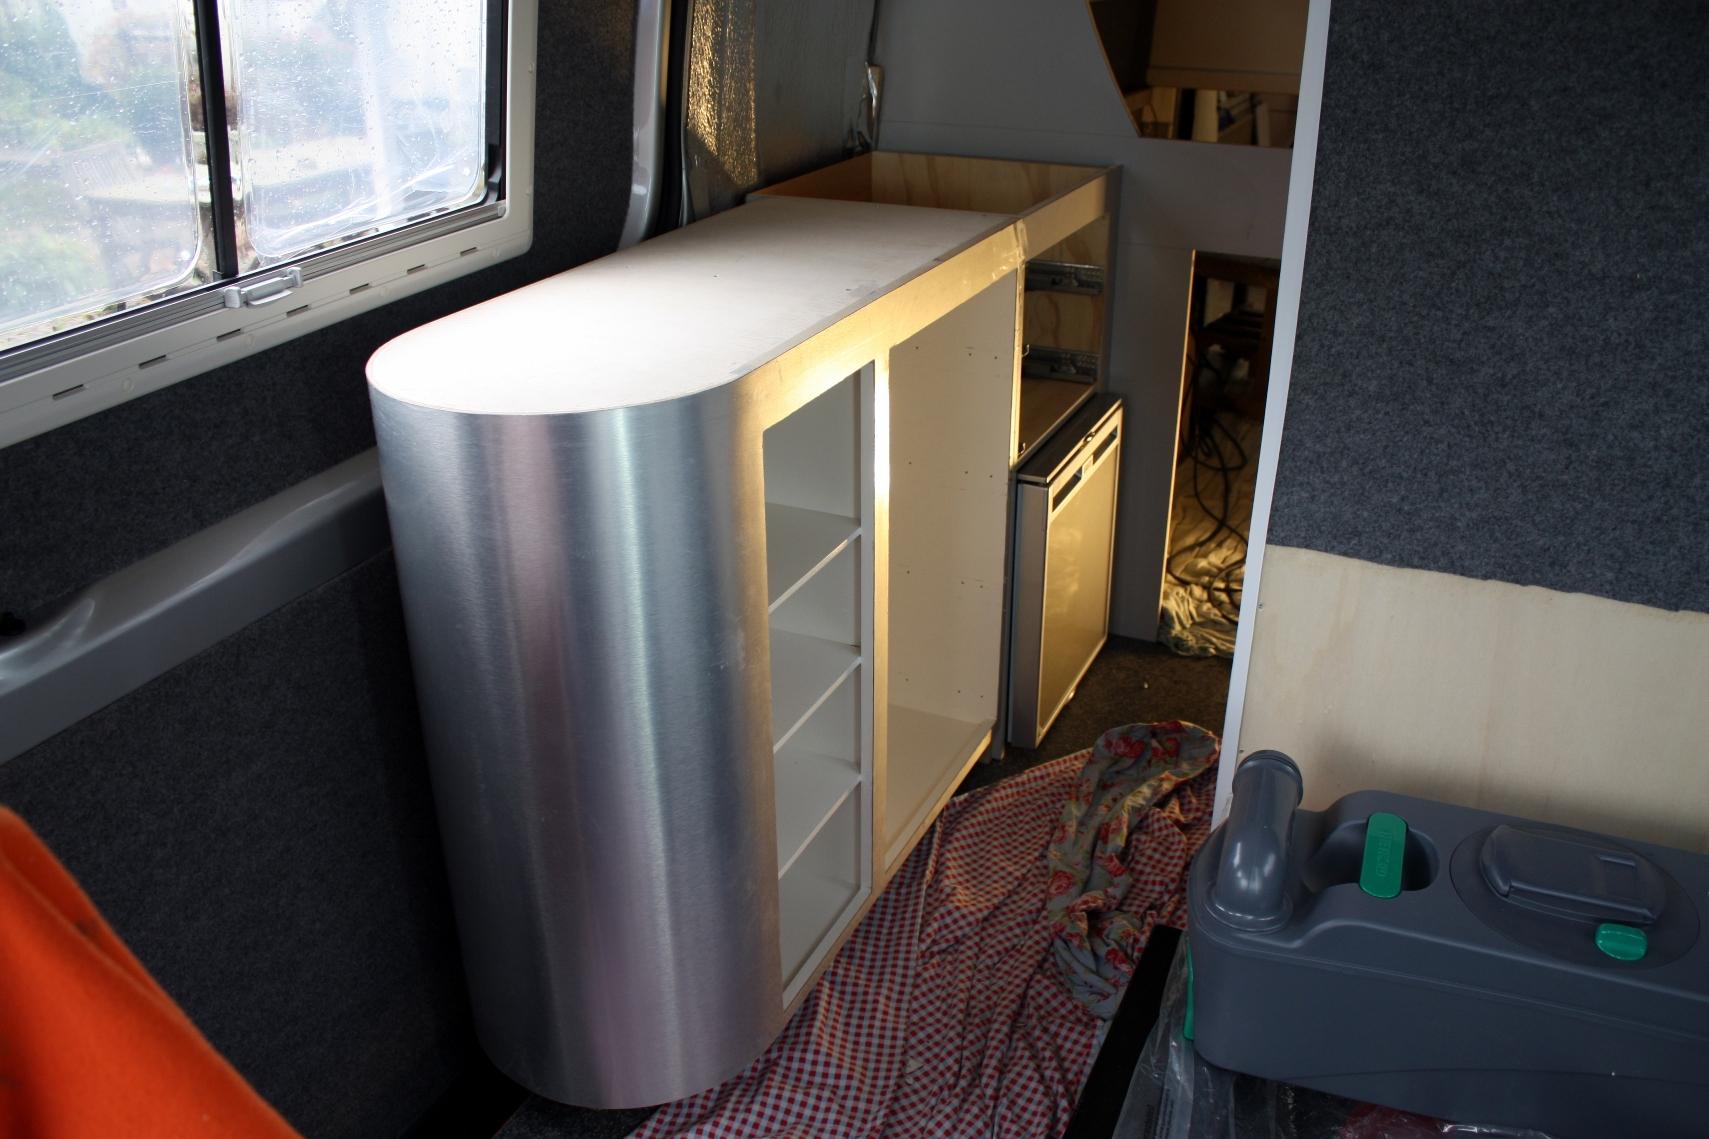 Keuken Wasbak Plaatsen : Het aanrechtblok opgesteld in de camper en bekleed met de alu-plaat.